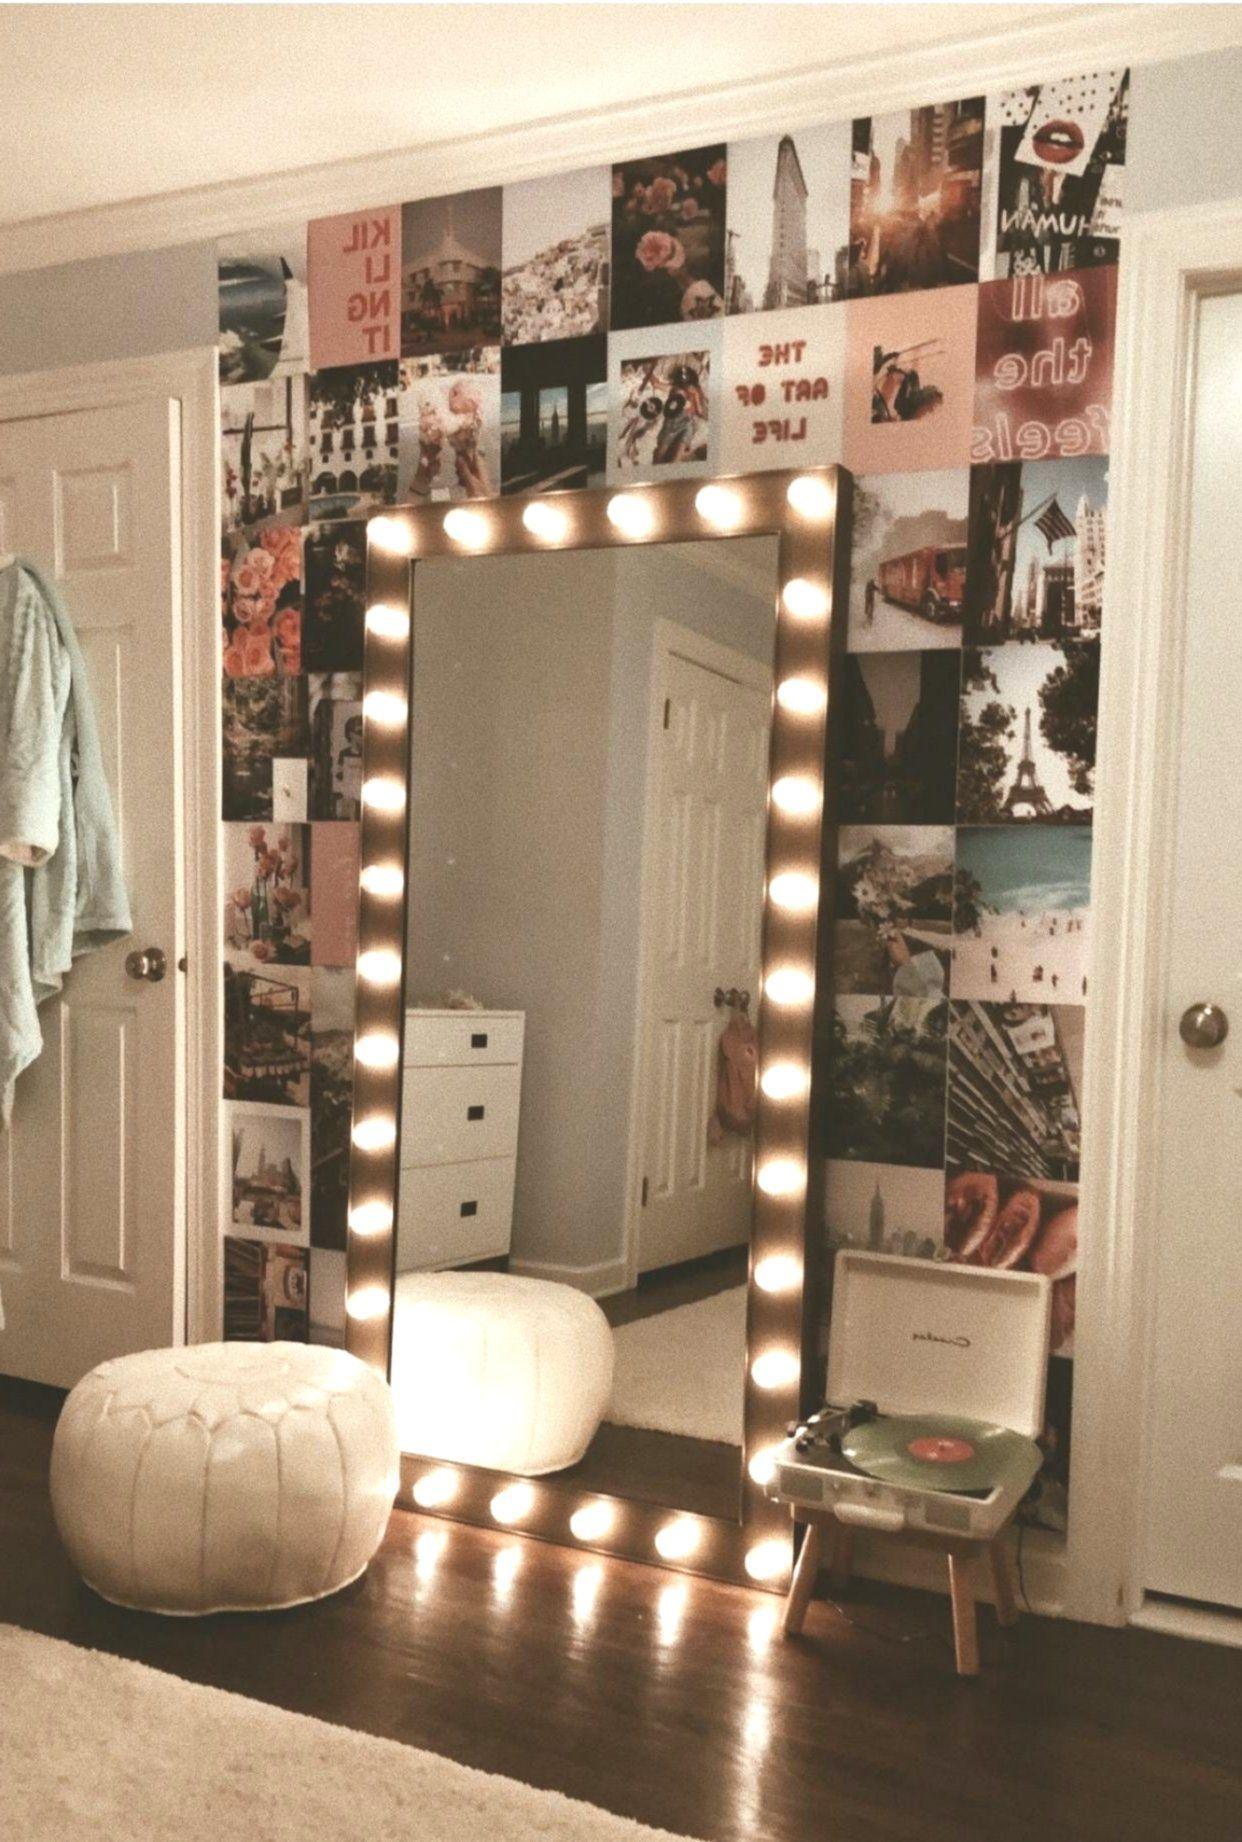 Vsco Decor Ideas Must Have Decor for a Vsco Room roomdecor Inspi